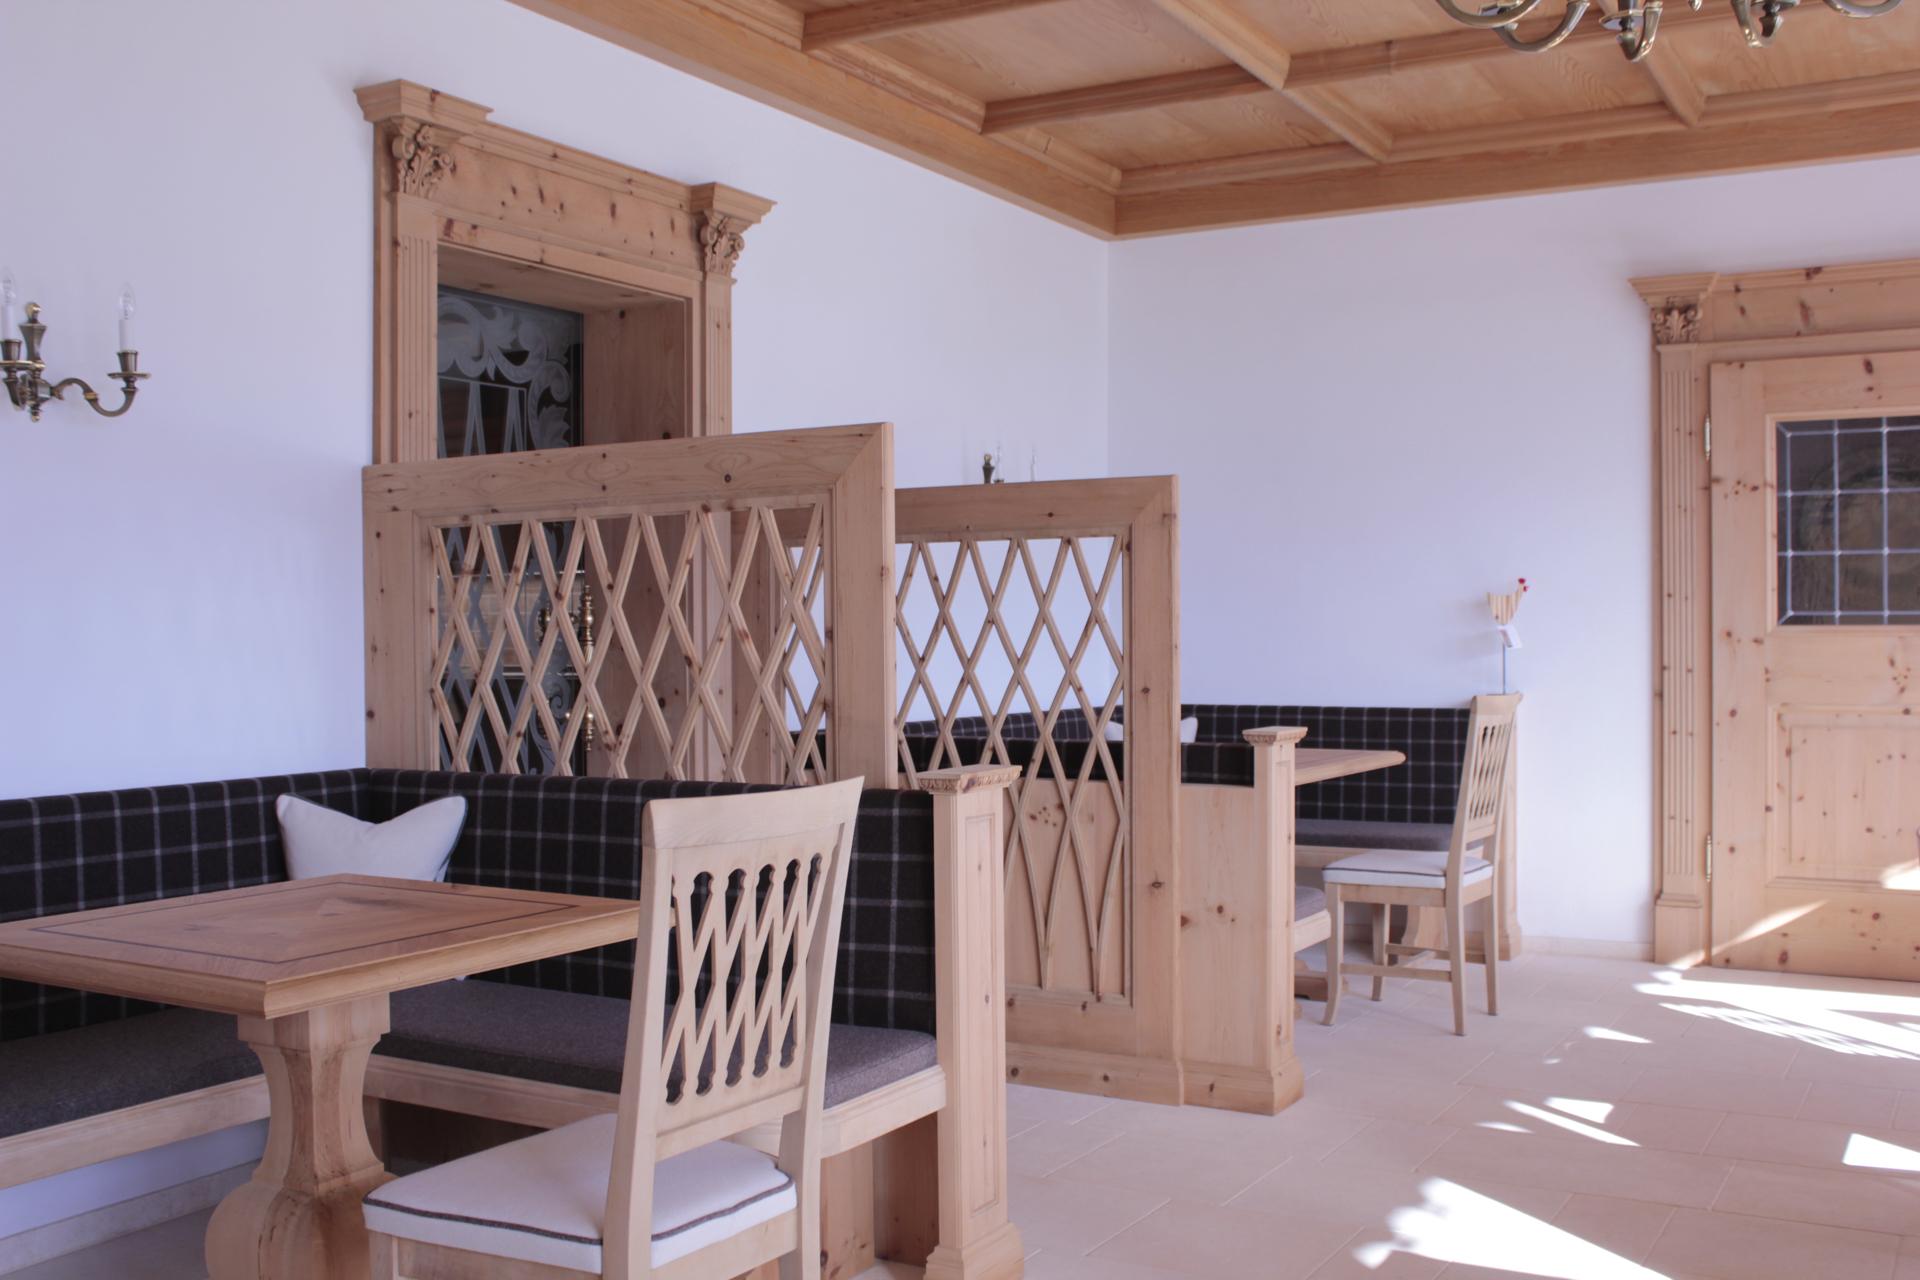 tischlerei-decker-laerchenhof-fruehstuecksraum-nischen